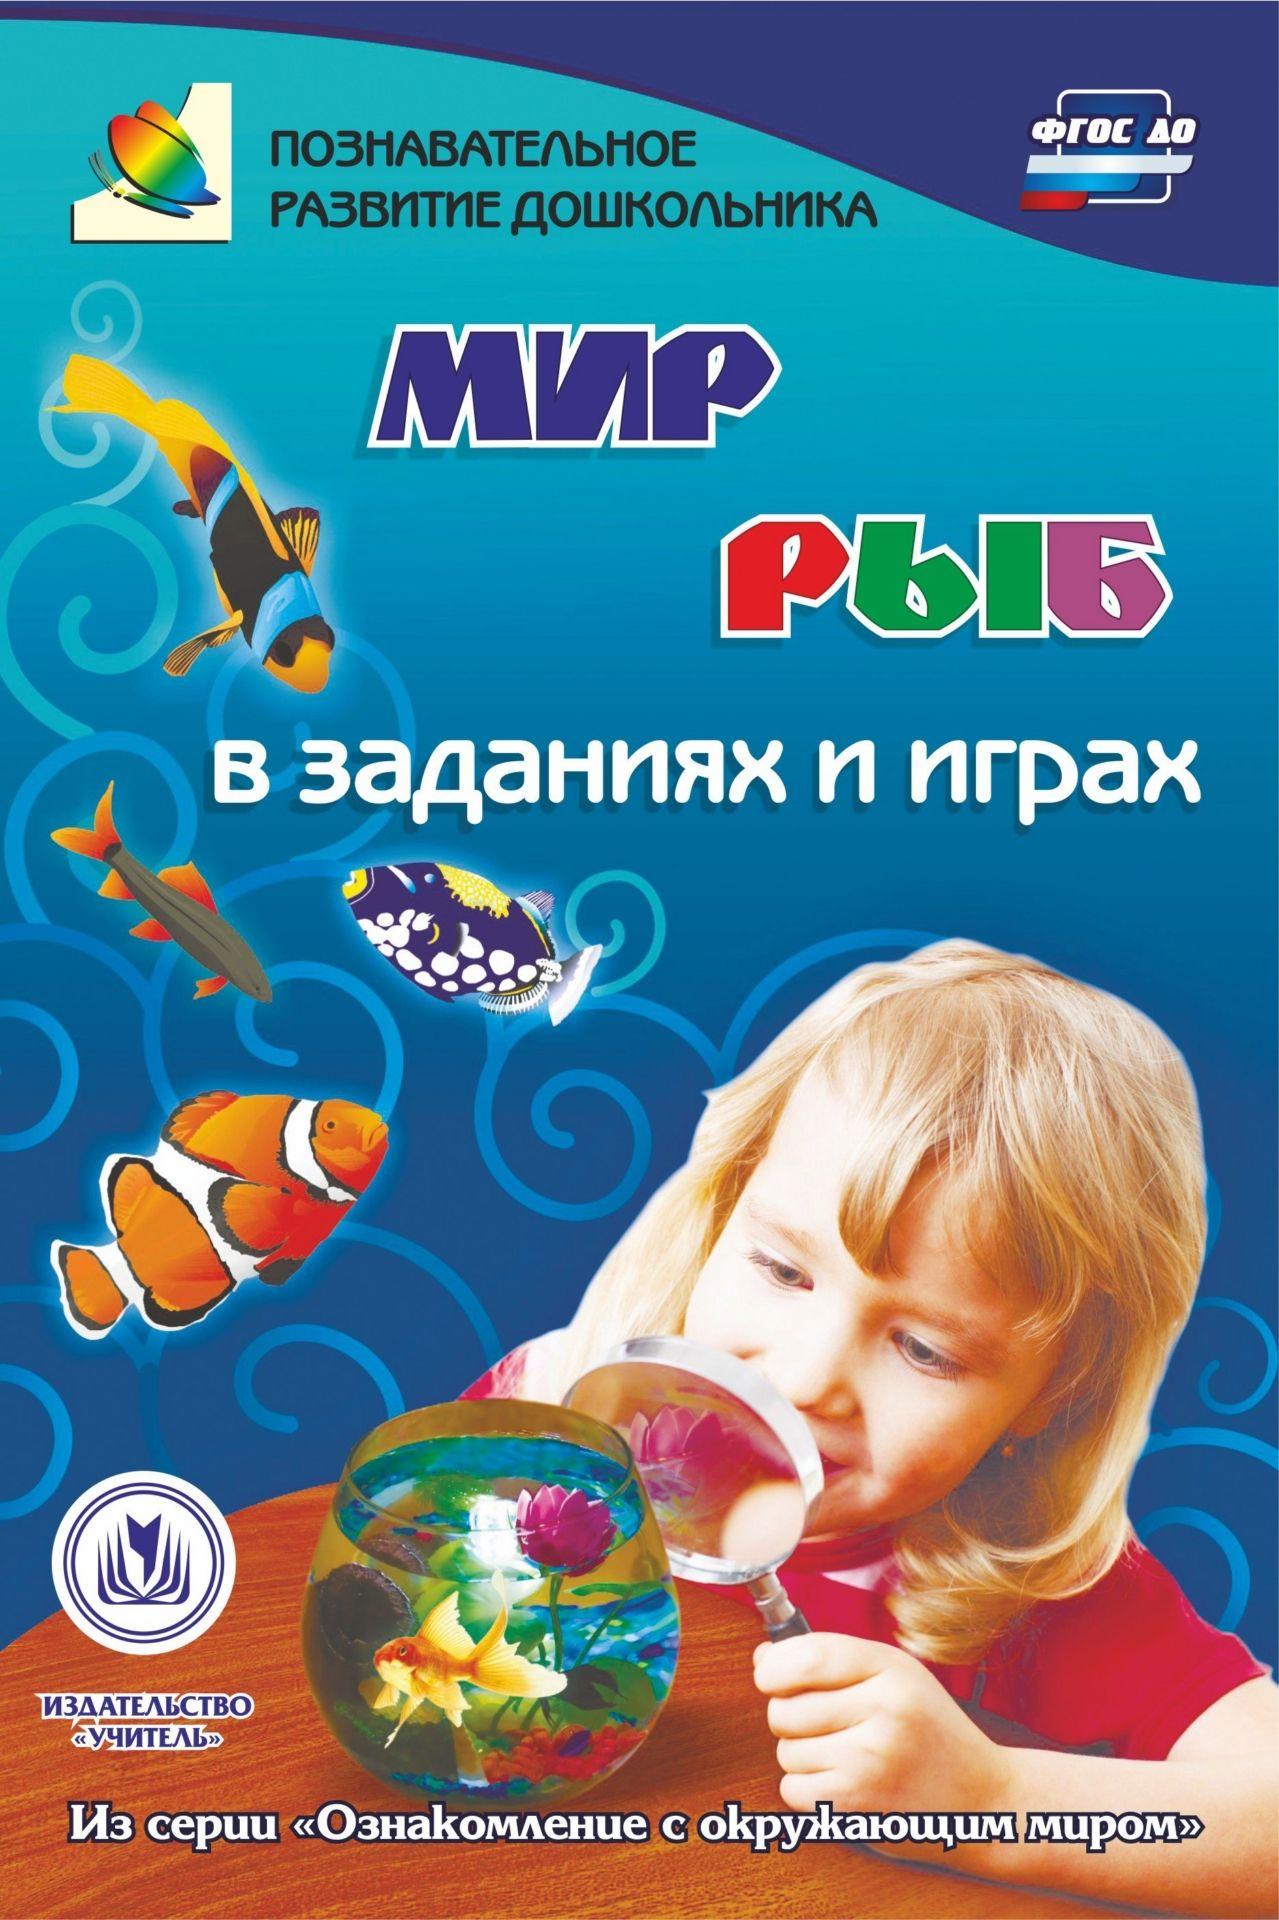 Мир рыб в заданиях и играх: из серии Ознакомление с окружающим миром. Для детей 5-7 летВоспитателю ДОО<br>Познавательная книга содержит игры-занятия, которые знакомят дошкольников с природными объектами и их особенностями, сопровождают в мир природы, формируют математические представления, развивают речь, логику, память, графомоторные навыки.Предназначена дет...<br><br>Авторы: Славина Т. Н.<br>Год: 2017<br>Серия: Познавательное развитие дошкольника<br>ISBN: 978-5-7057-4589-0<br>Высота: 237<br>Ширина: 165<br>Переплёт: мягкая, скрепка